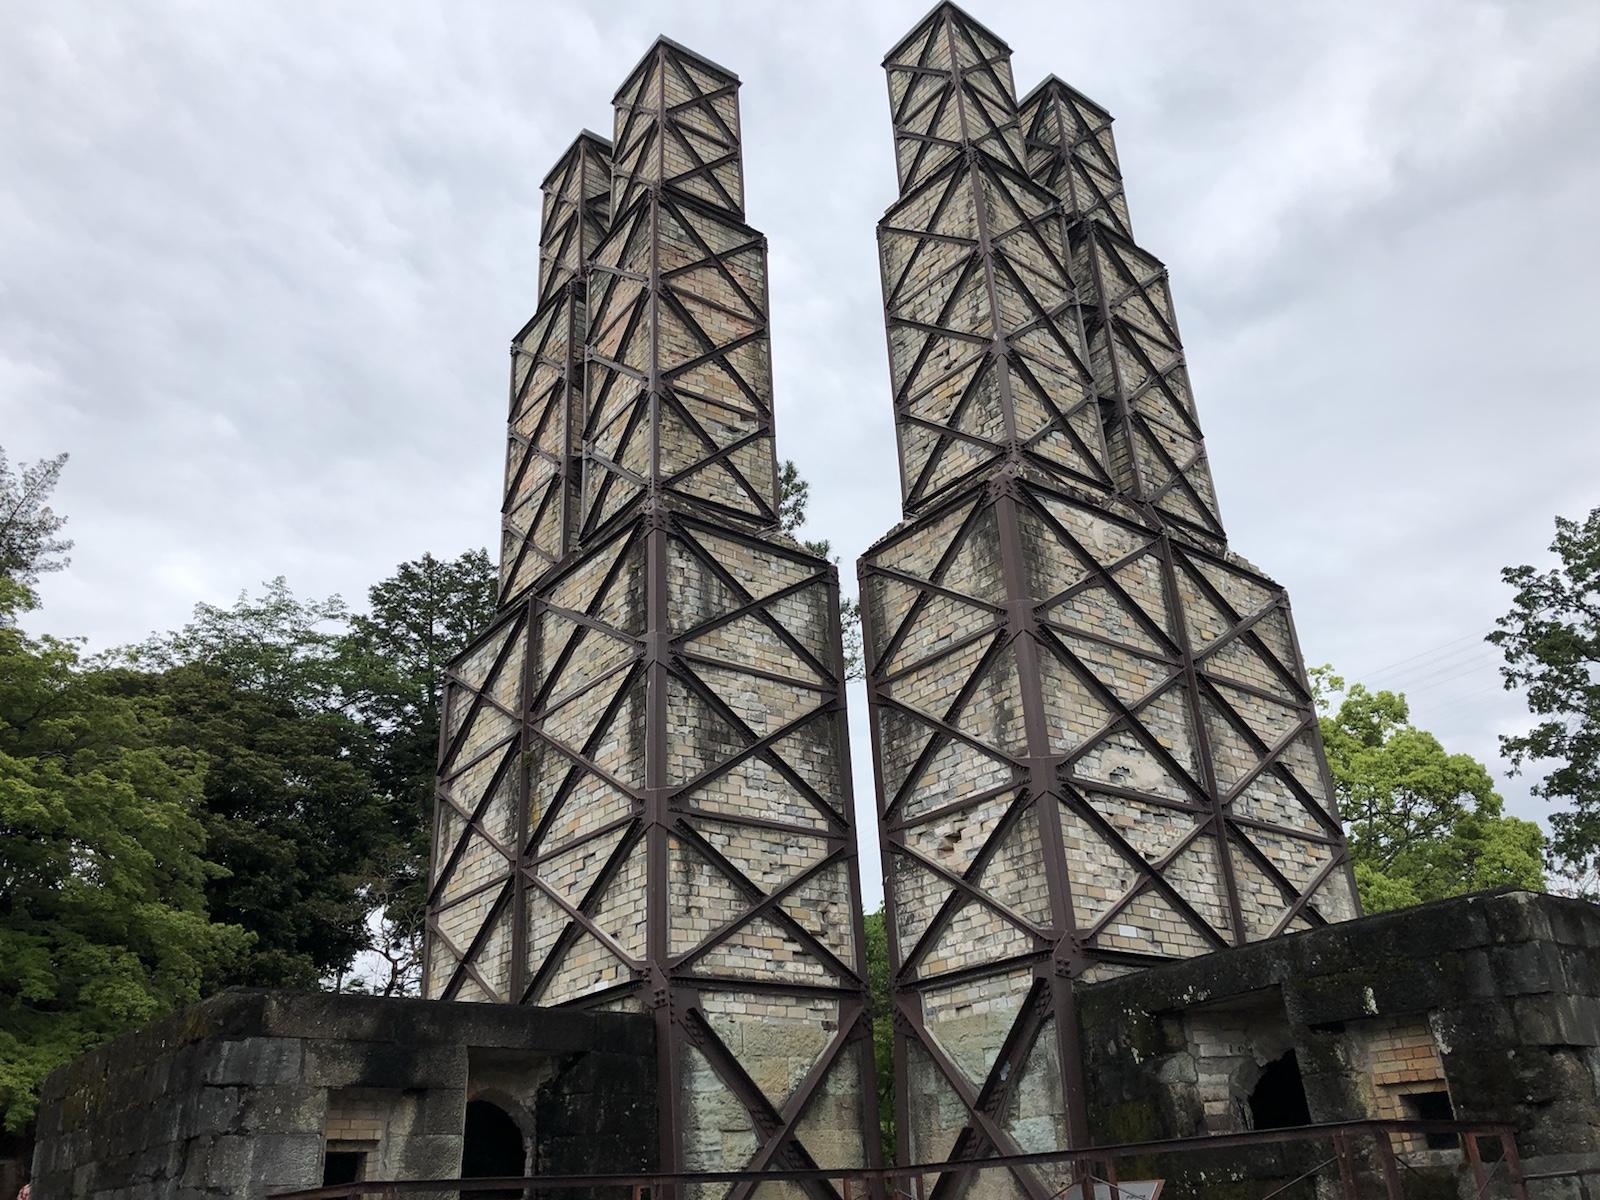 明治日本を植民地化から救った産業革命遺産「韮山反射炉」